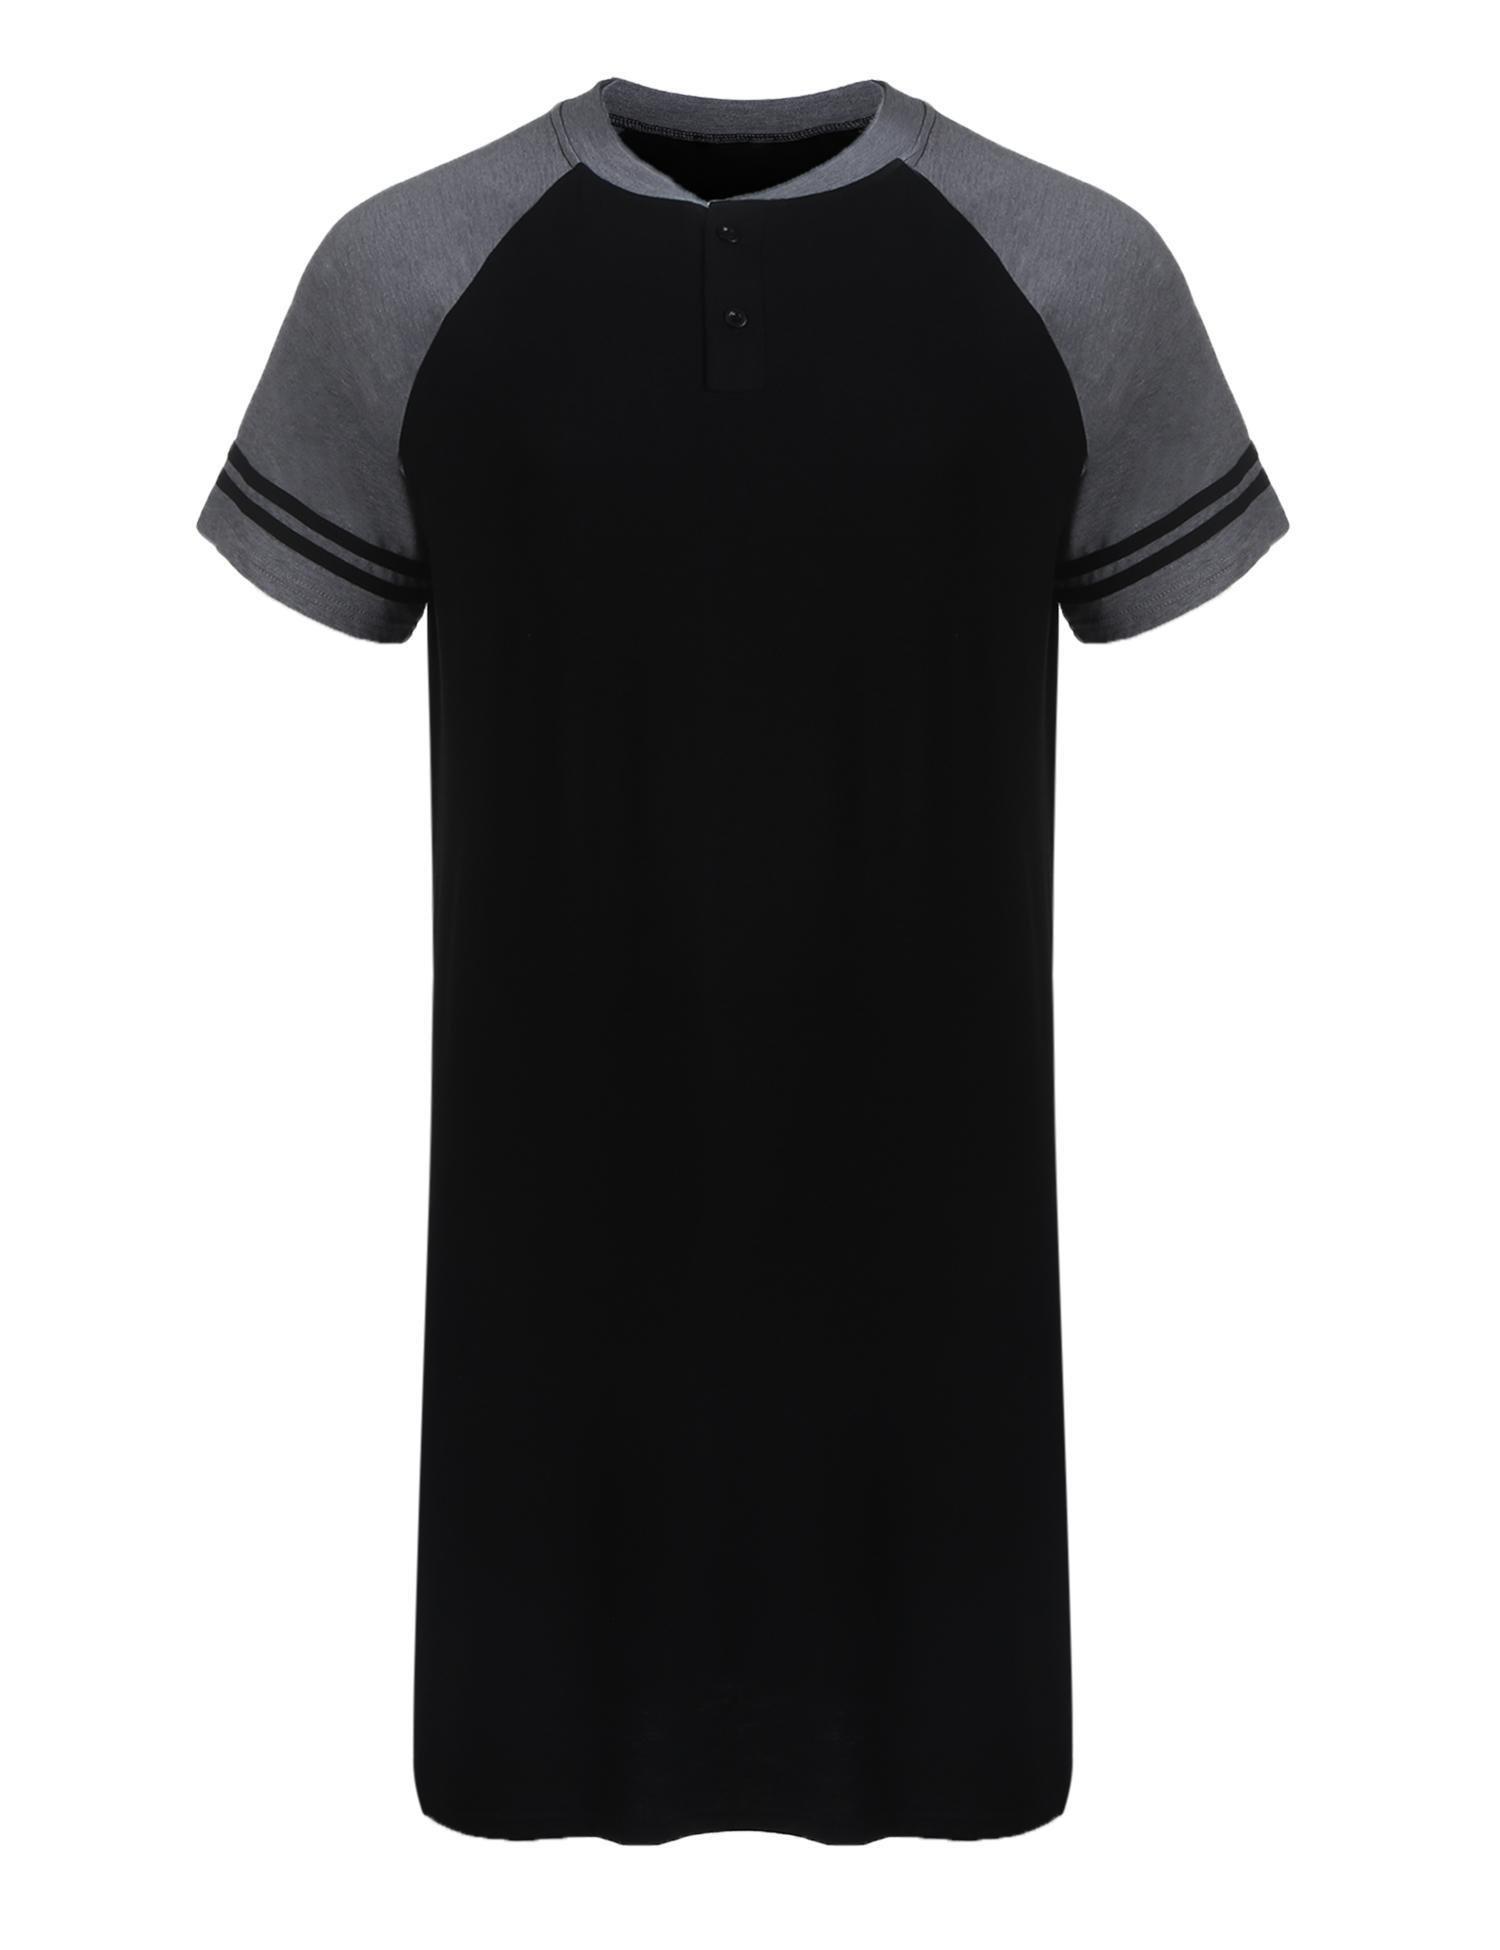 Troll Tree Men's Nightshirt Cotton Sleep Shirt Comfy Big&Tall Nightwear Short Sleeve Henley Sleepwear Kaftan Pajama S-XXXL